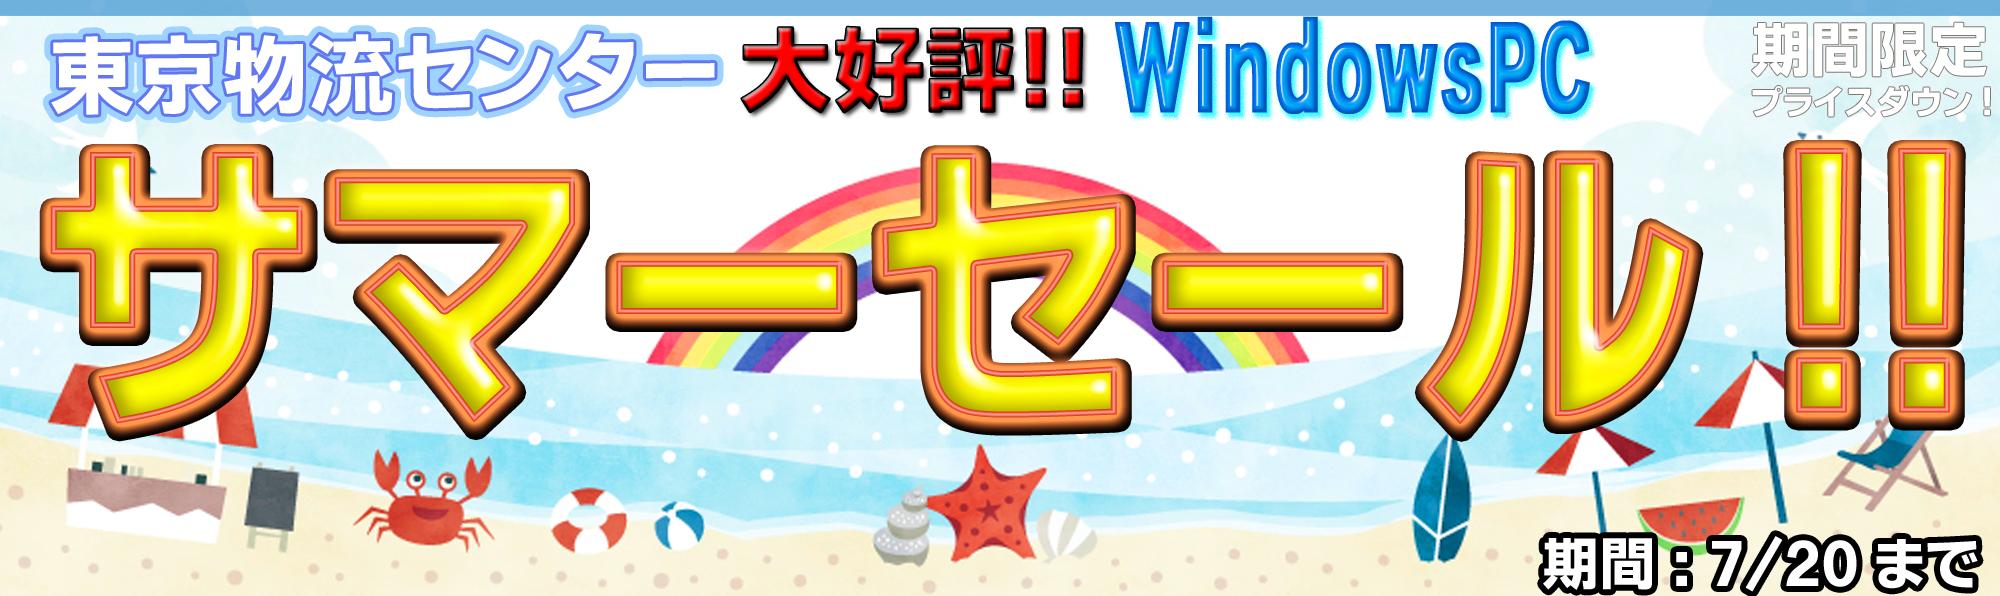 東京物流センター !! WindowsPC サマーセール